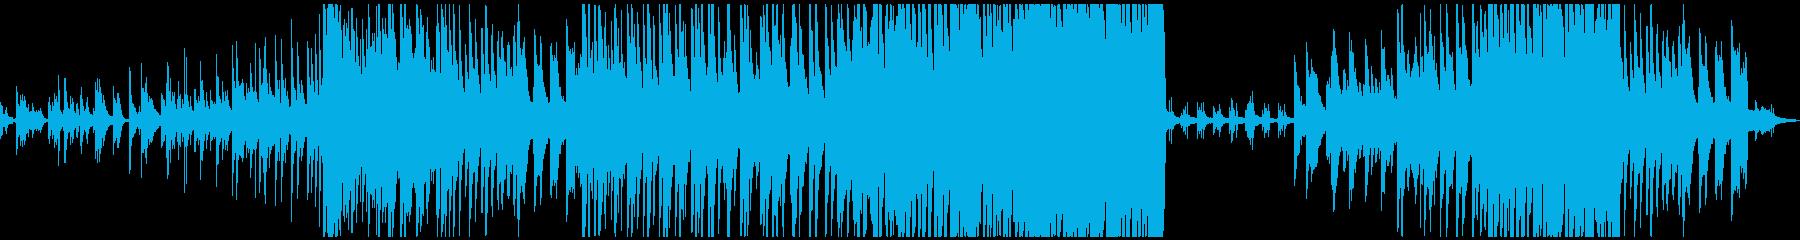 ピアノのみ 大音量版の再生済みの波形